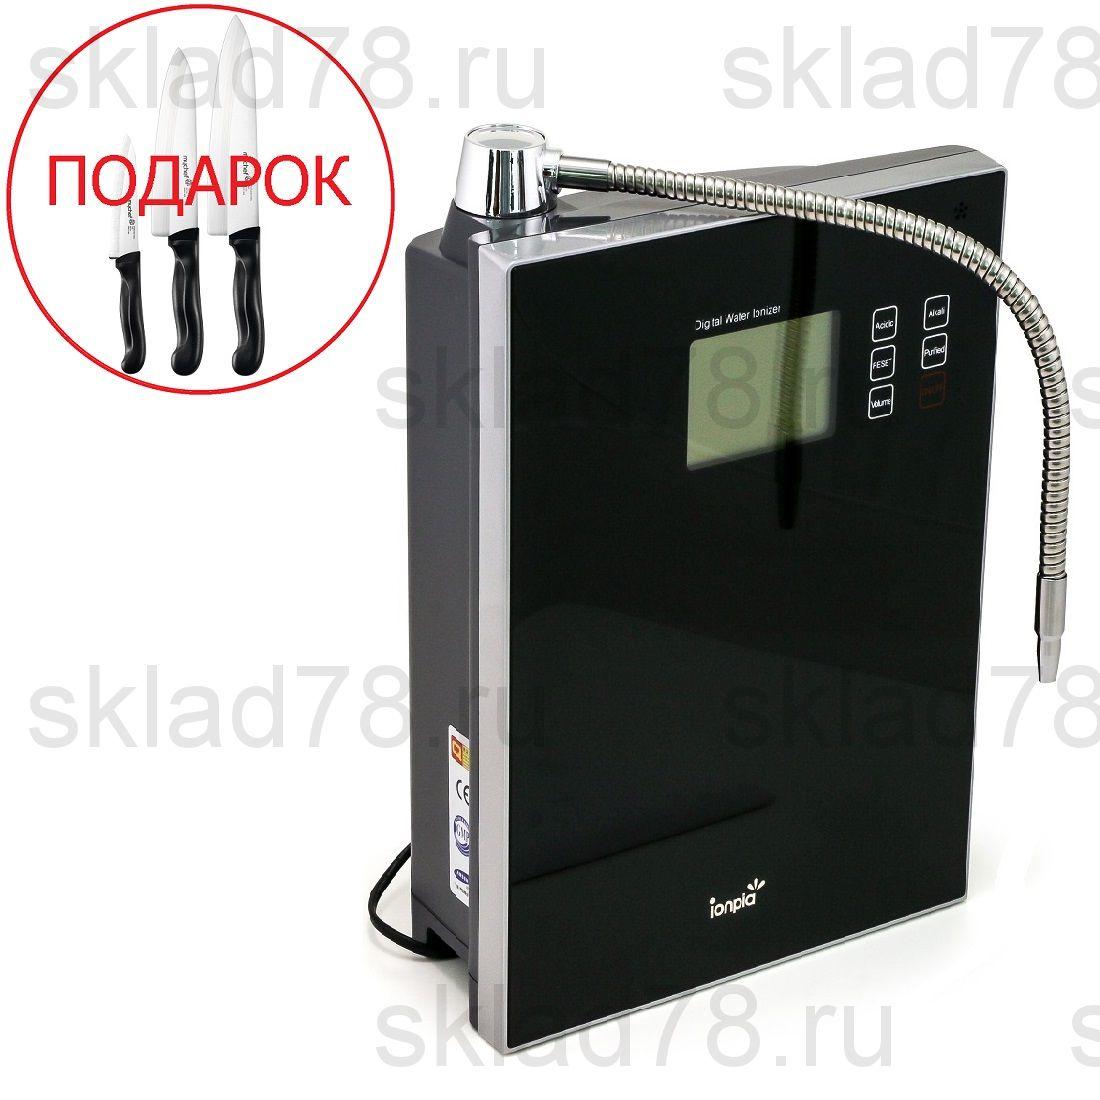 Ионизатор воды ION-7400 Black (9 пластин)